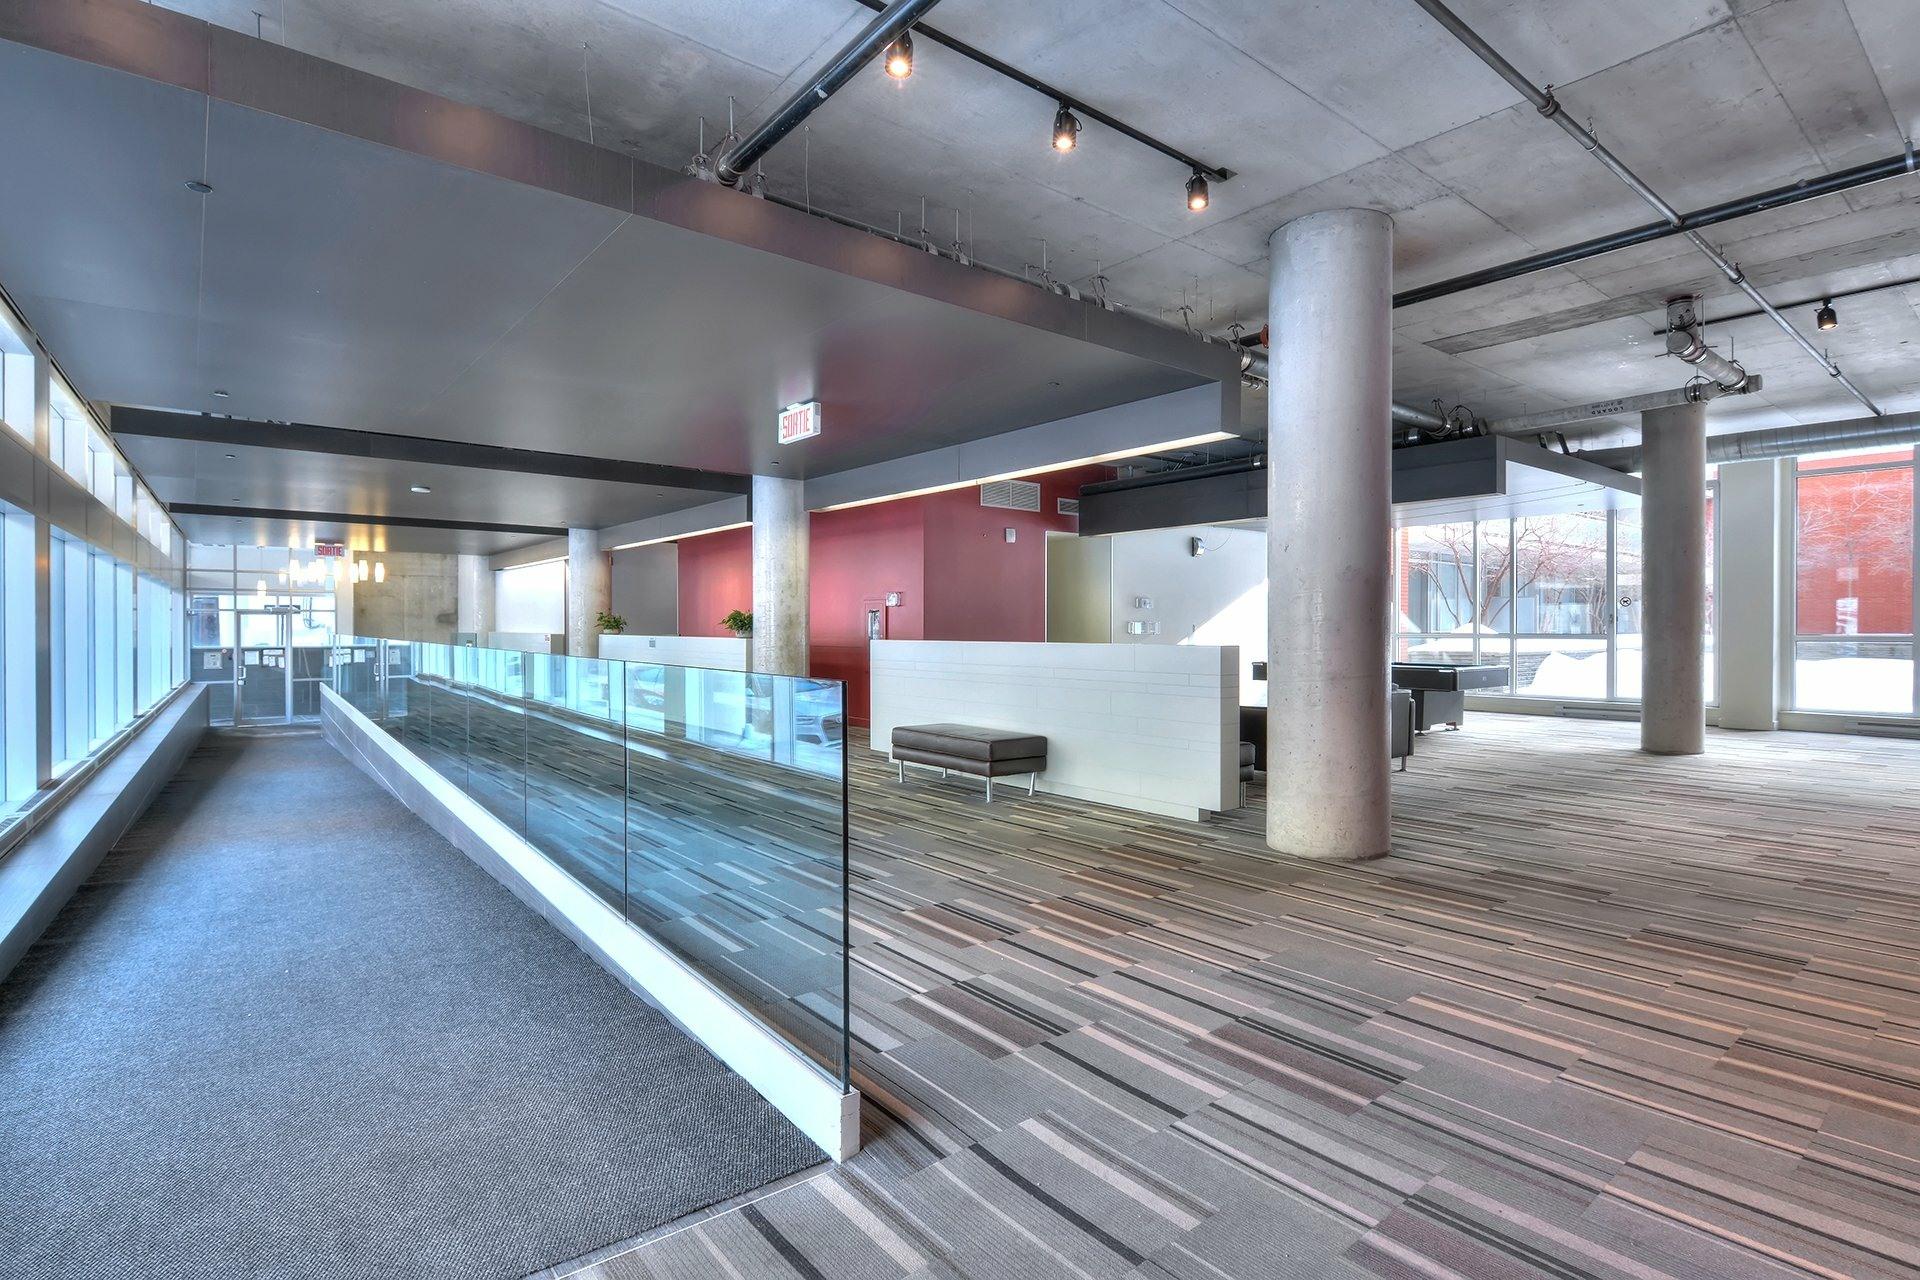 image 15 - Apartment For sale Ville-Marie Montréal  - 4 rooms